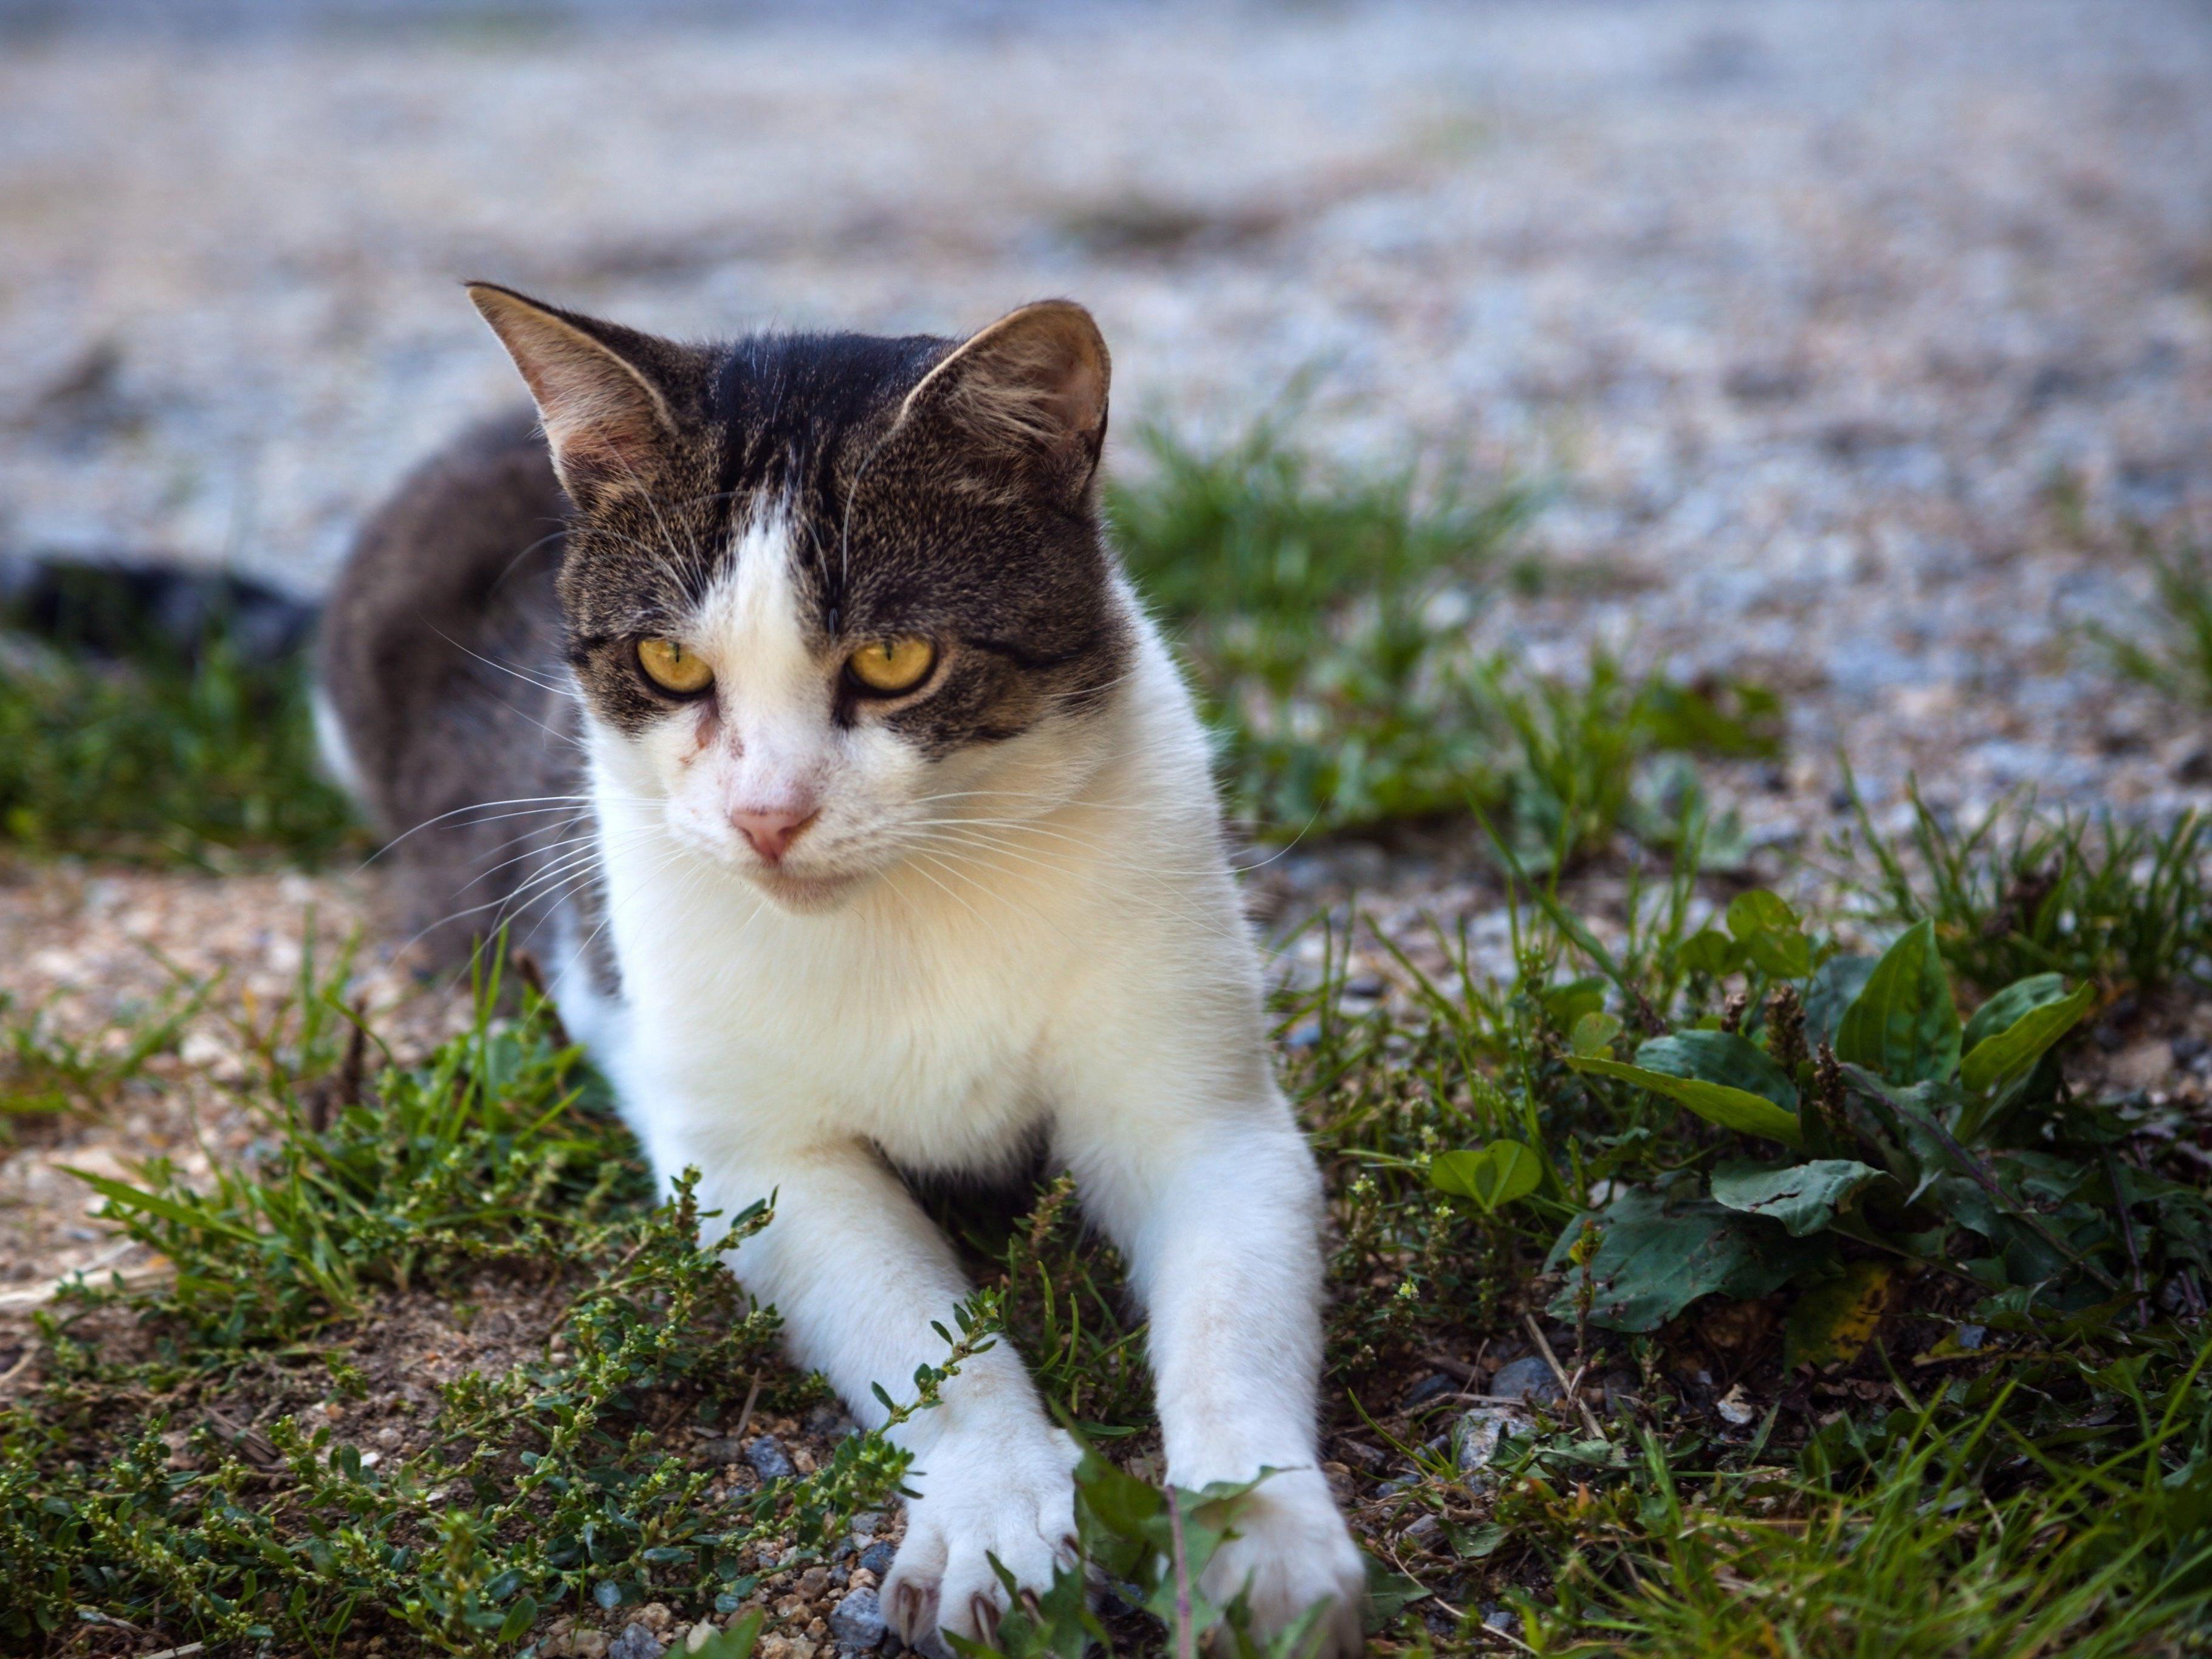 Die Katze wurde einfach übermalt (Symbolfoto).